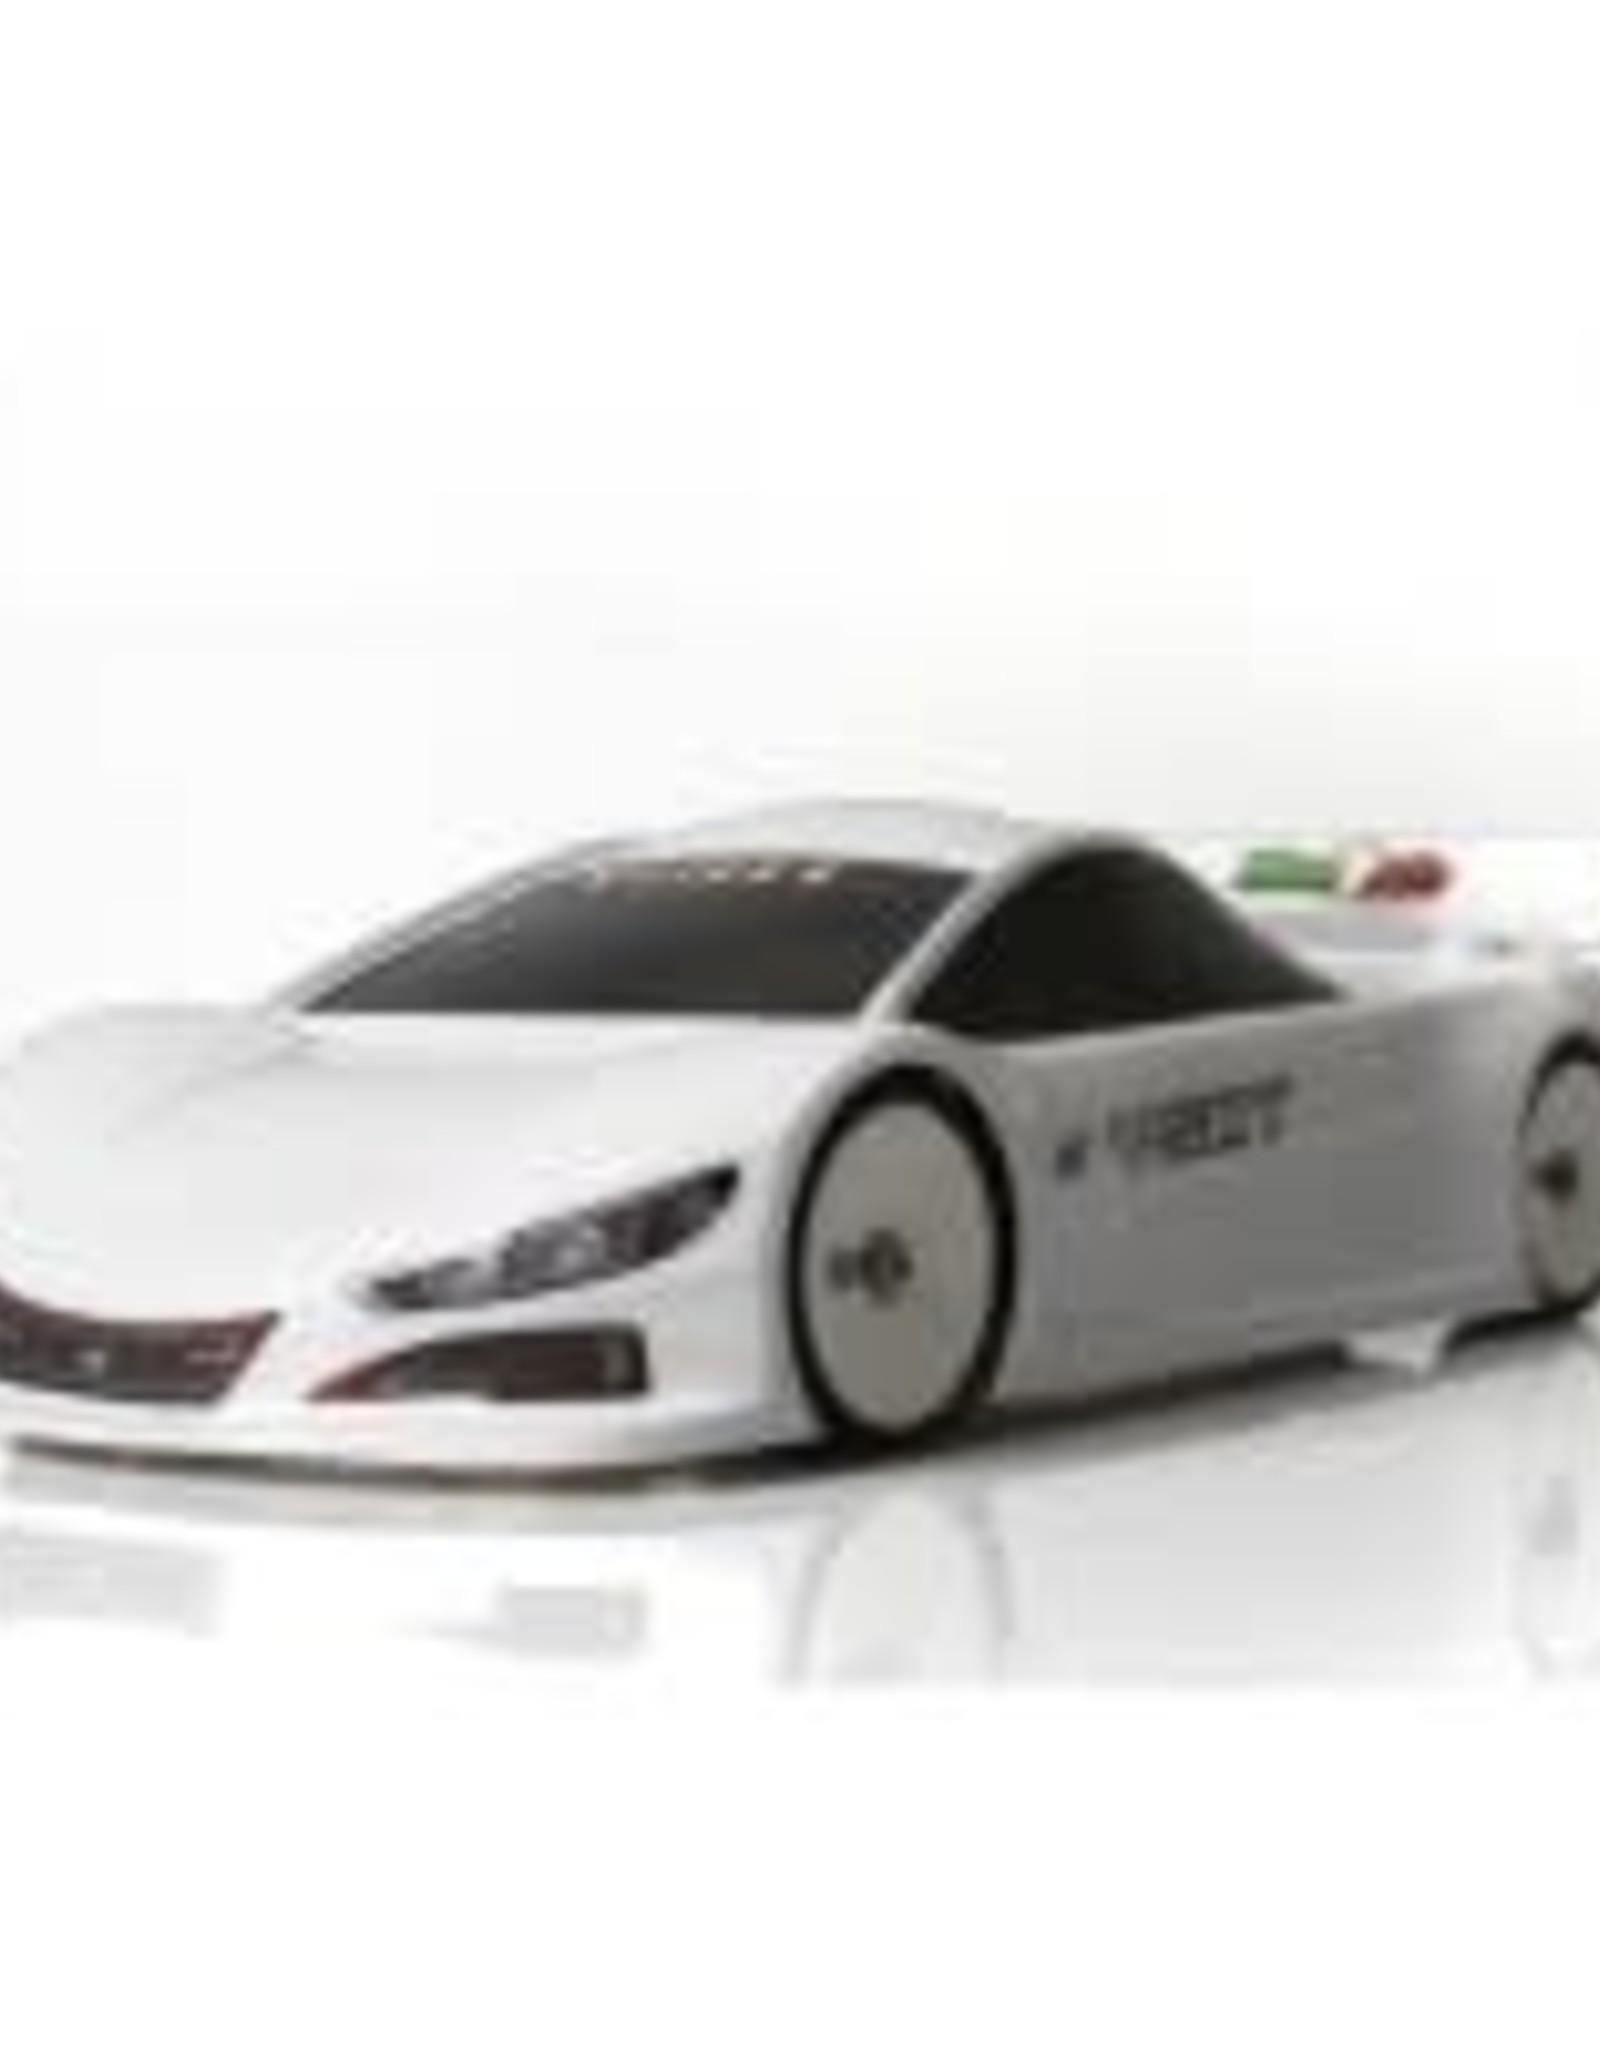 Mon-Tech YSOT La Leggera Touring car 190mm